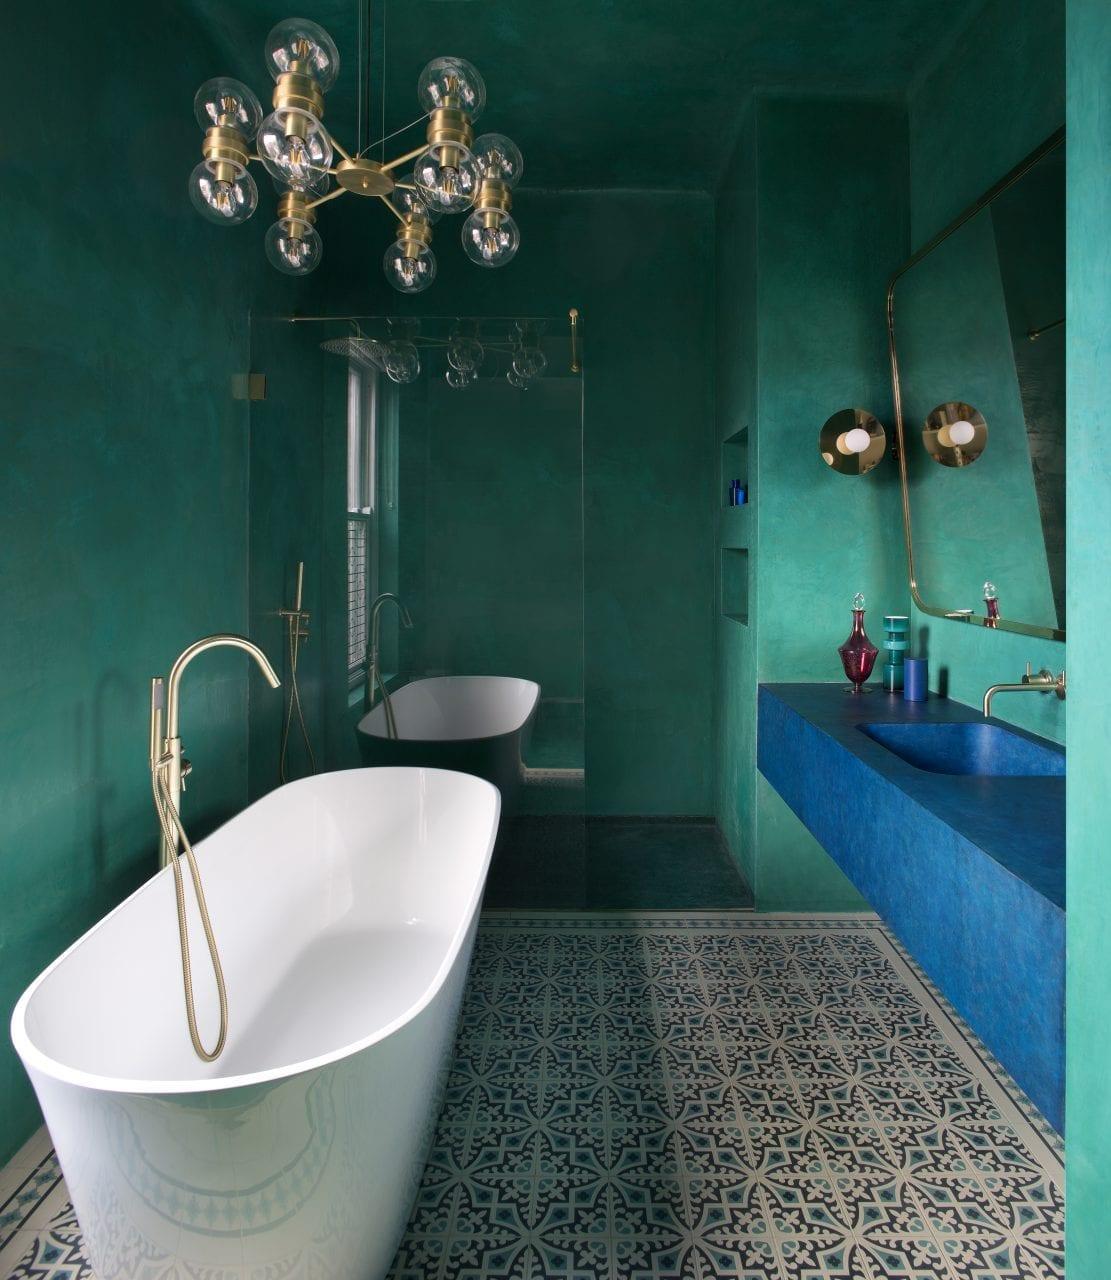 KLD Dublin 4 Bathroom